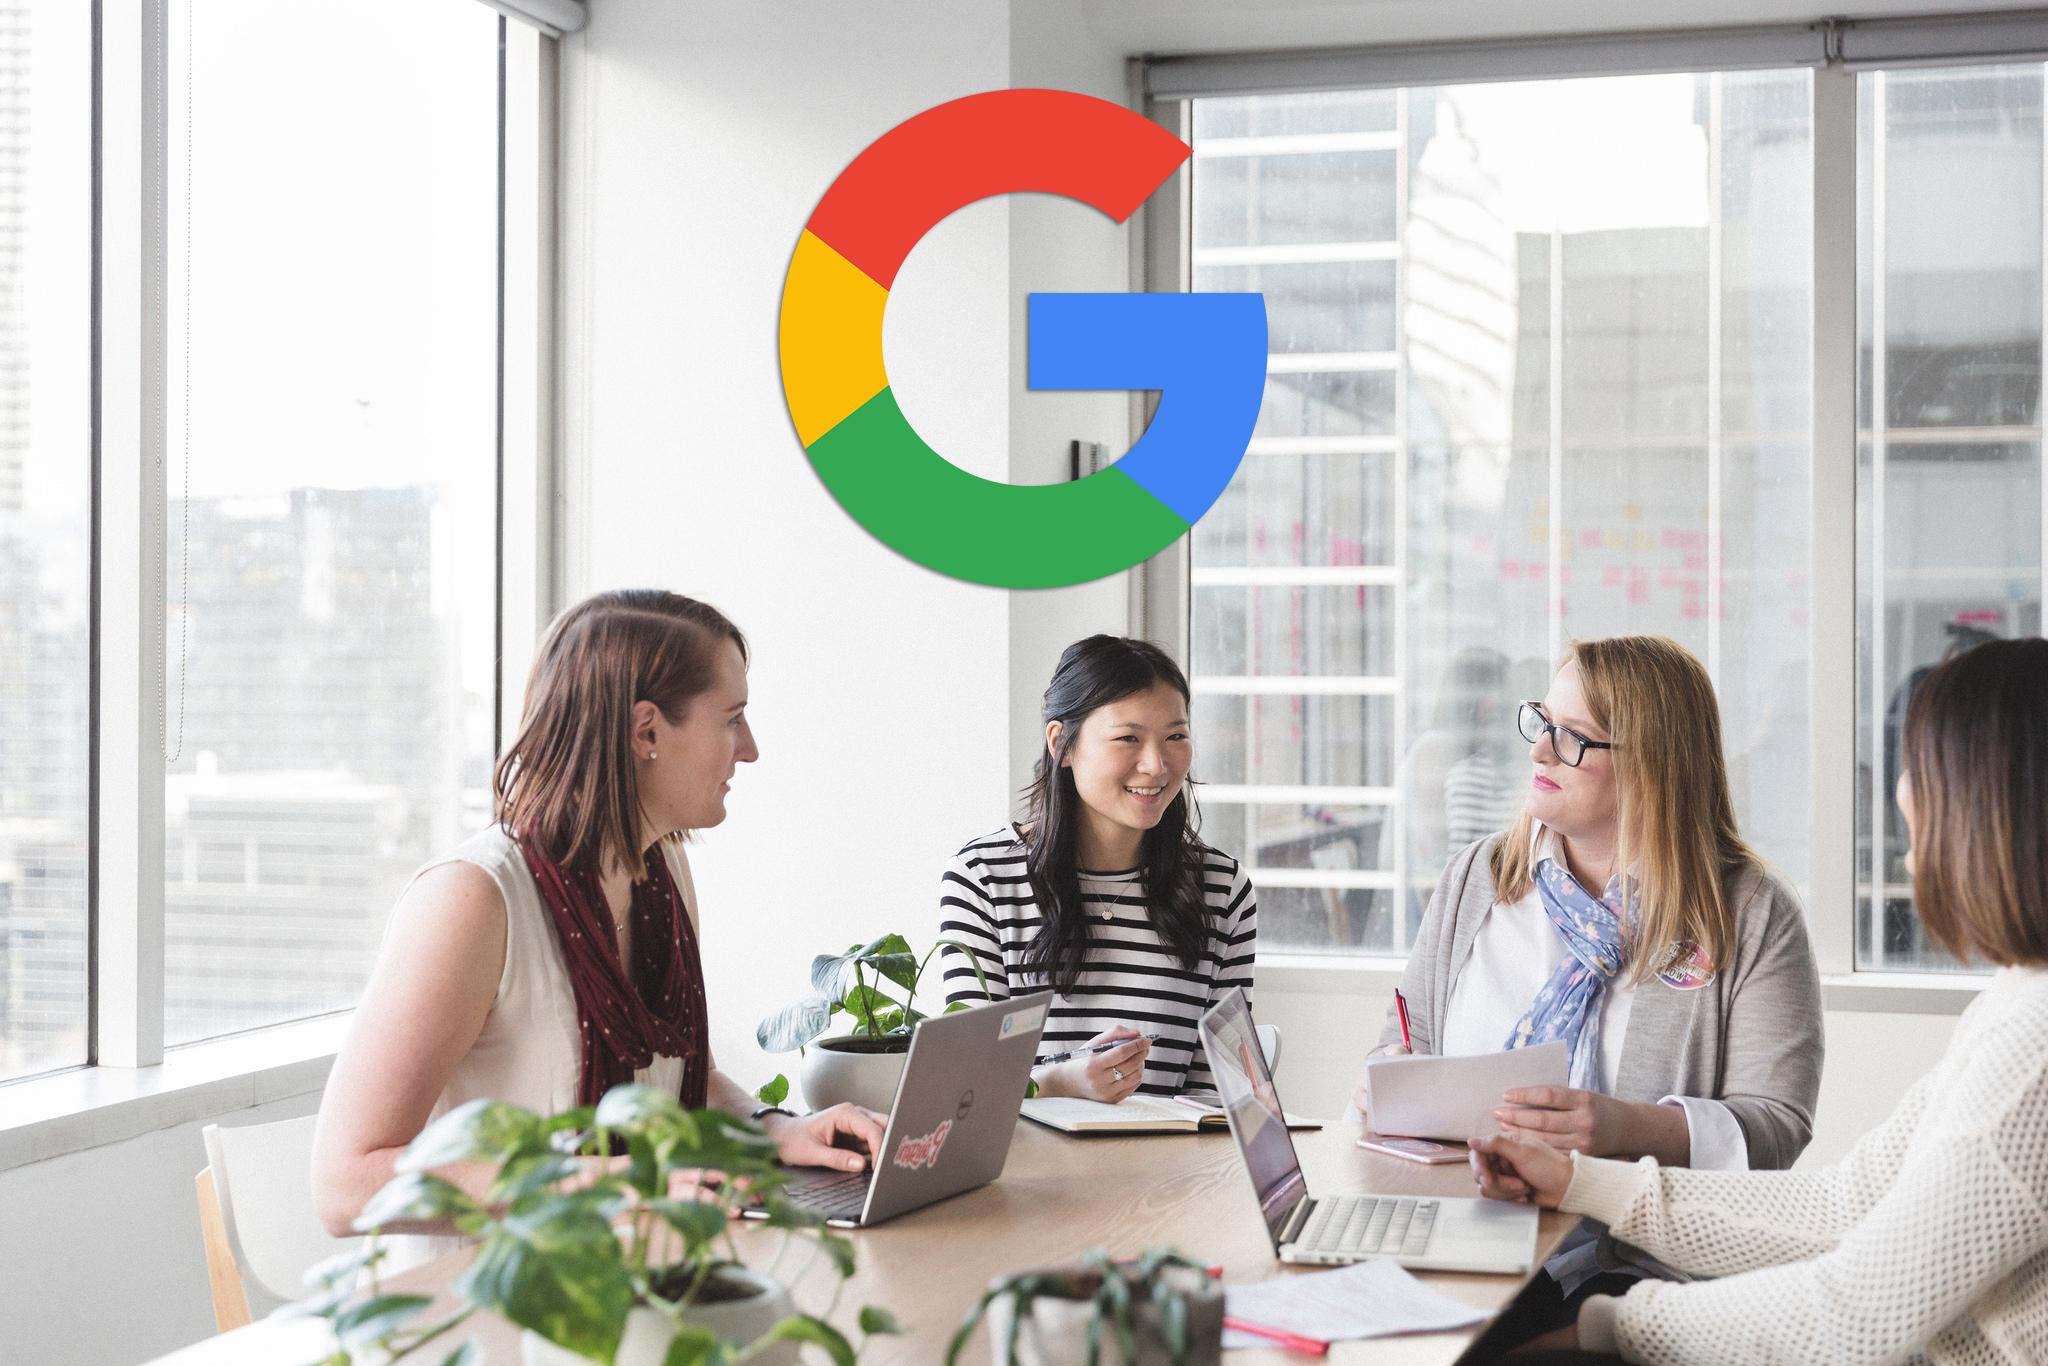 Diversité et inclusion : Google est « déterminé à accélérer le progrès »